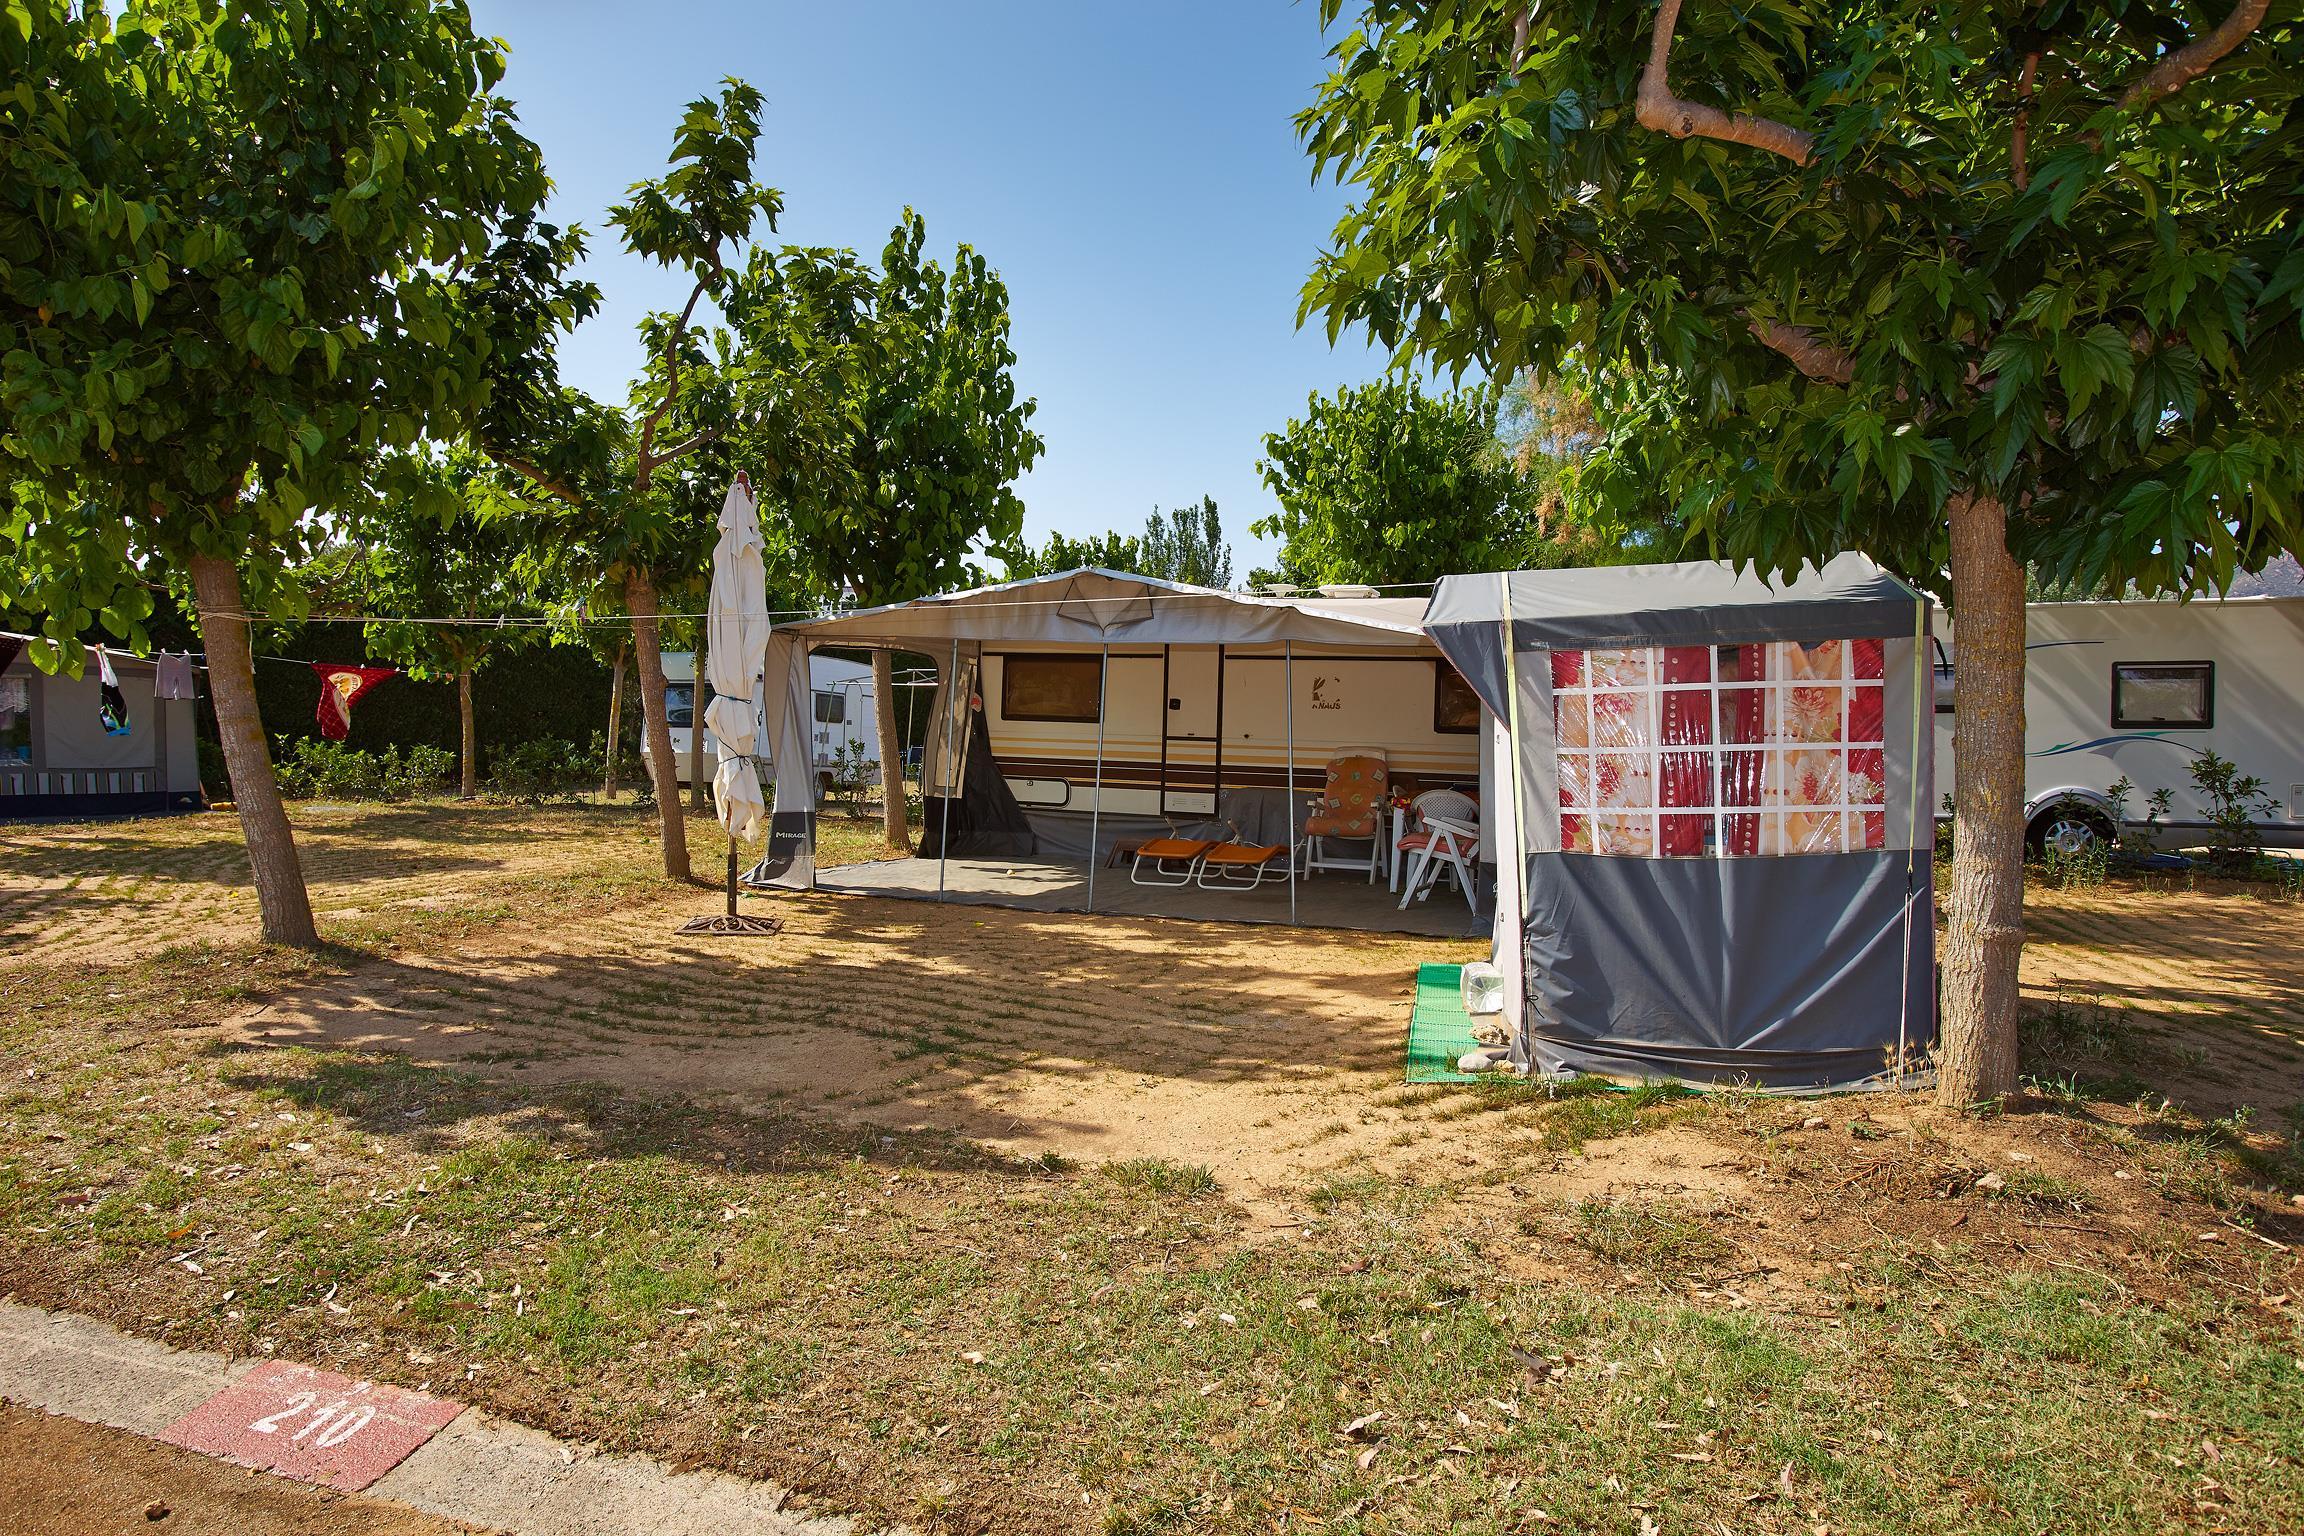 Emplacement - Emplacement Confort - Voiture + Caravane Ou Camping-Car + Électricité 6A - Camping Salatà